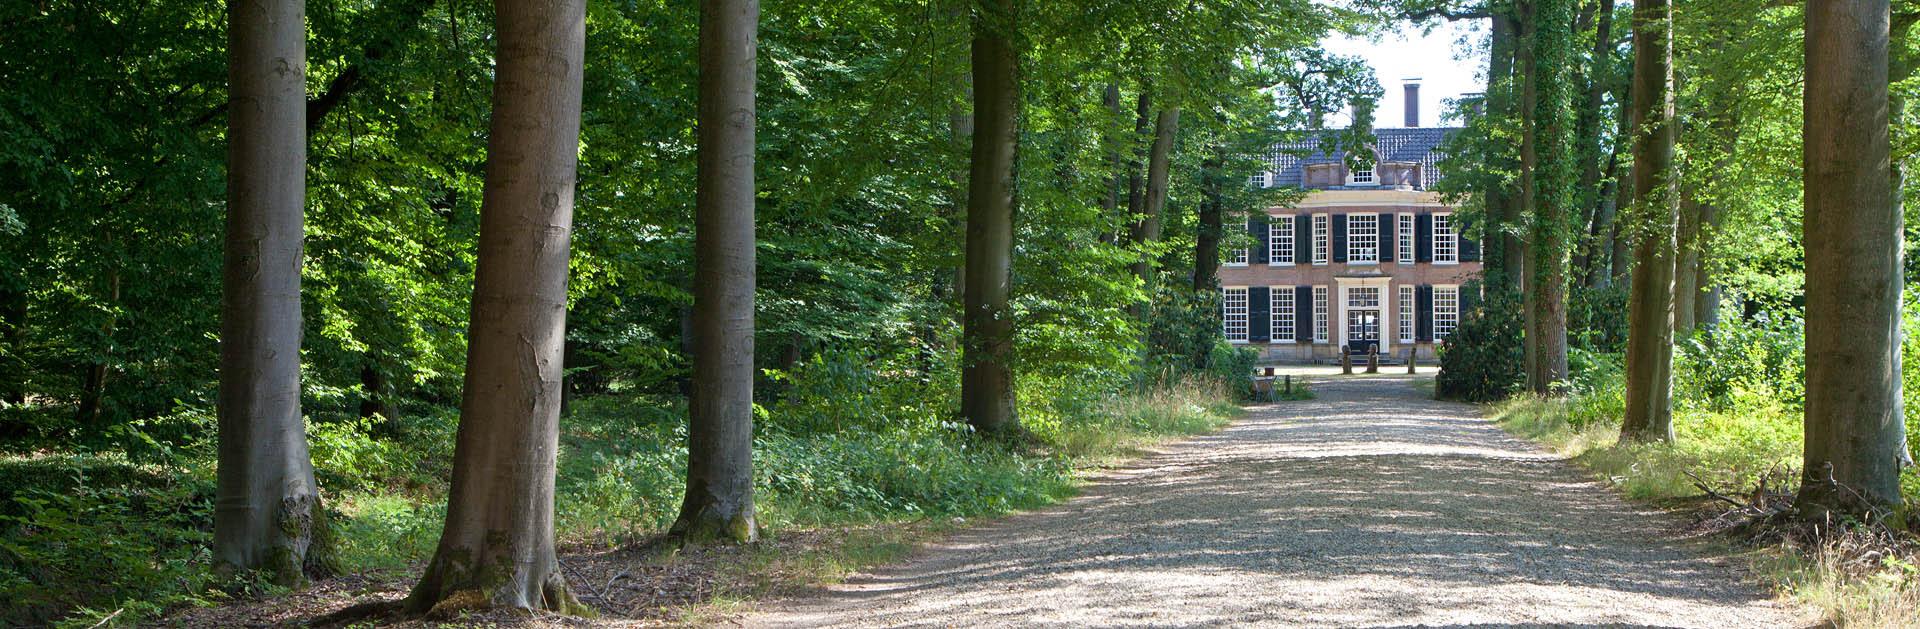 Huize de Kieftskamp - Vorden